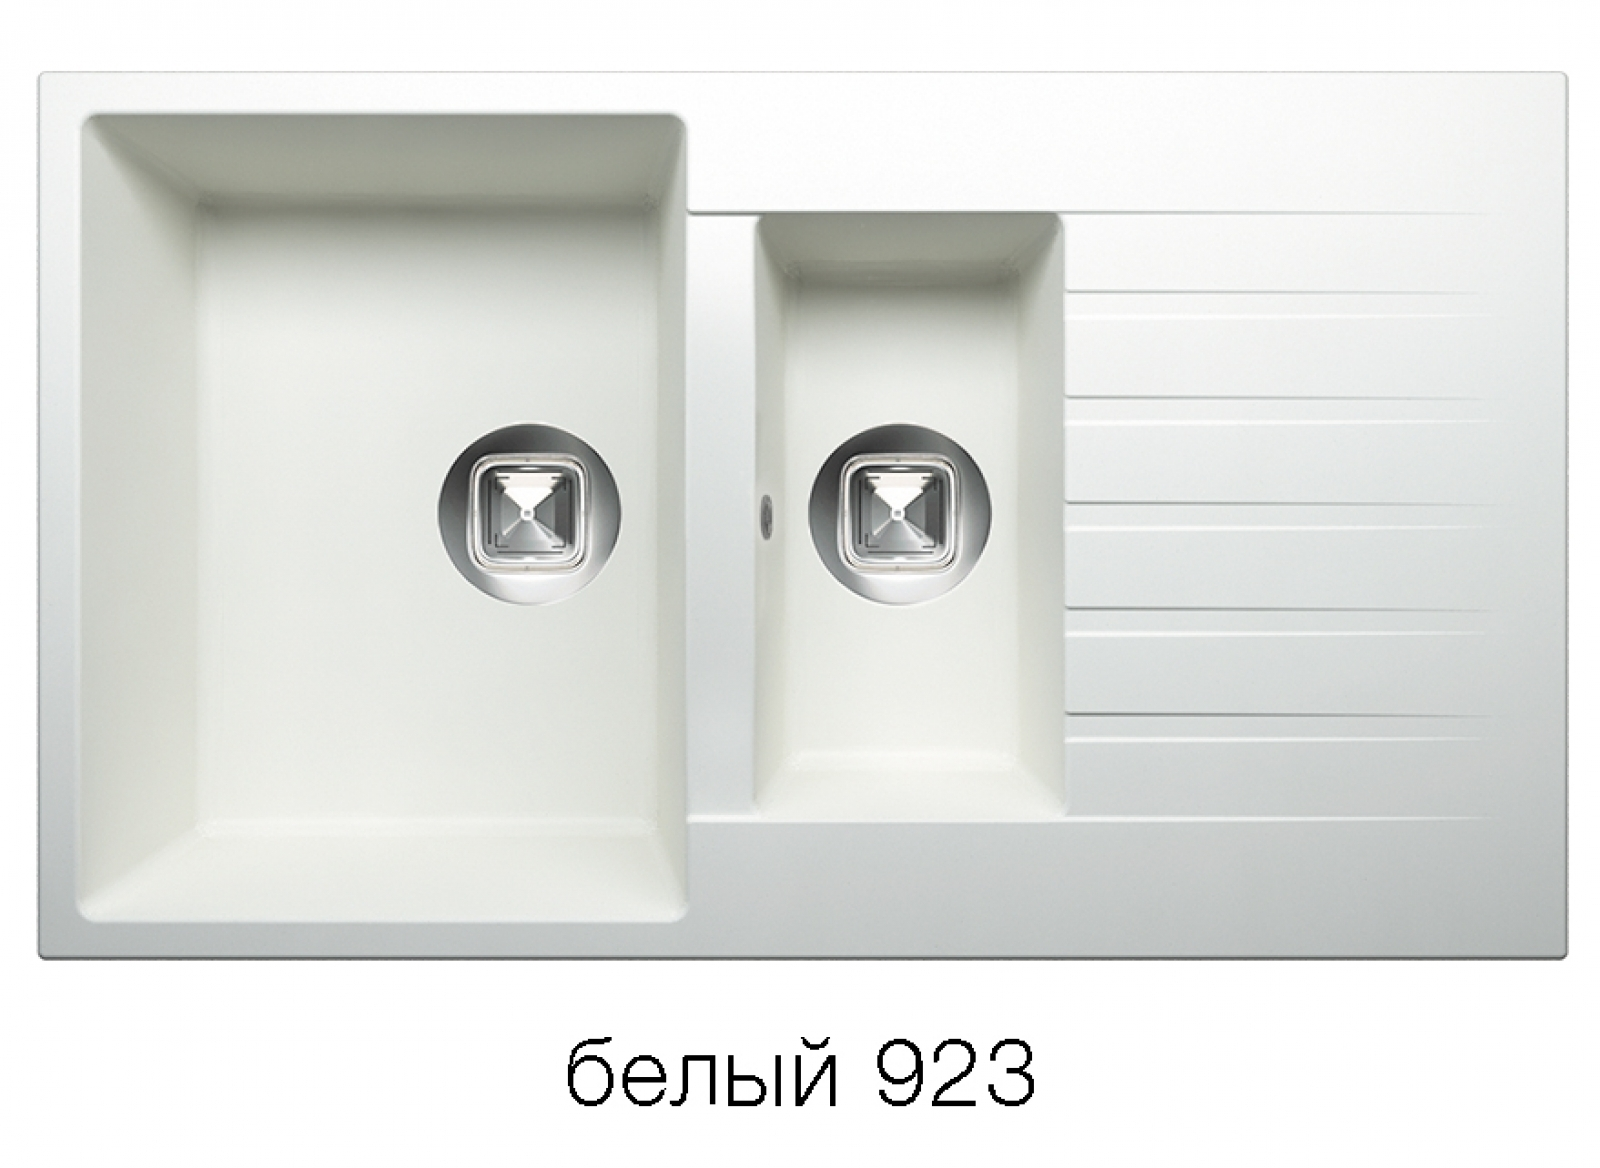 Мойка Tolero-R-118-923, цвет белый